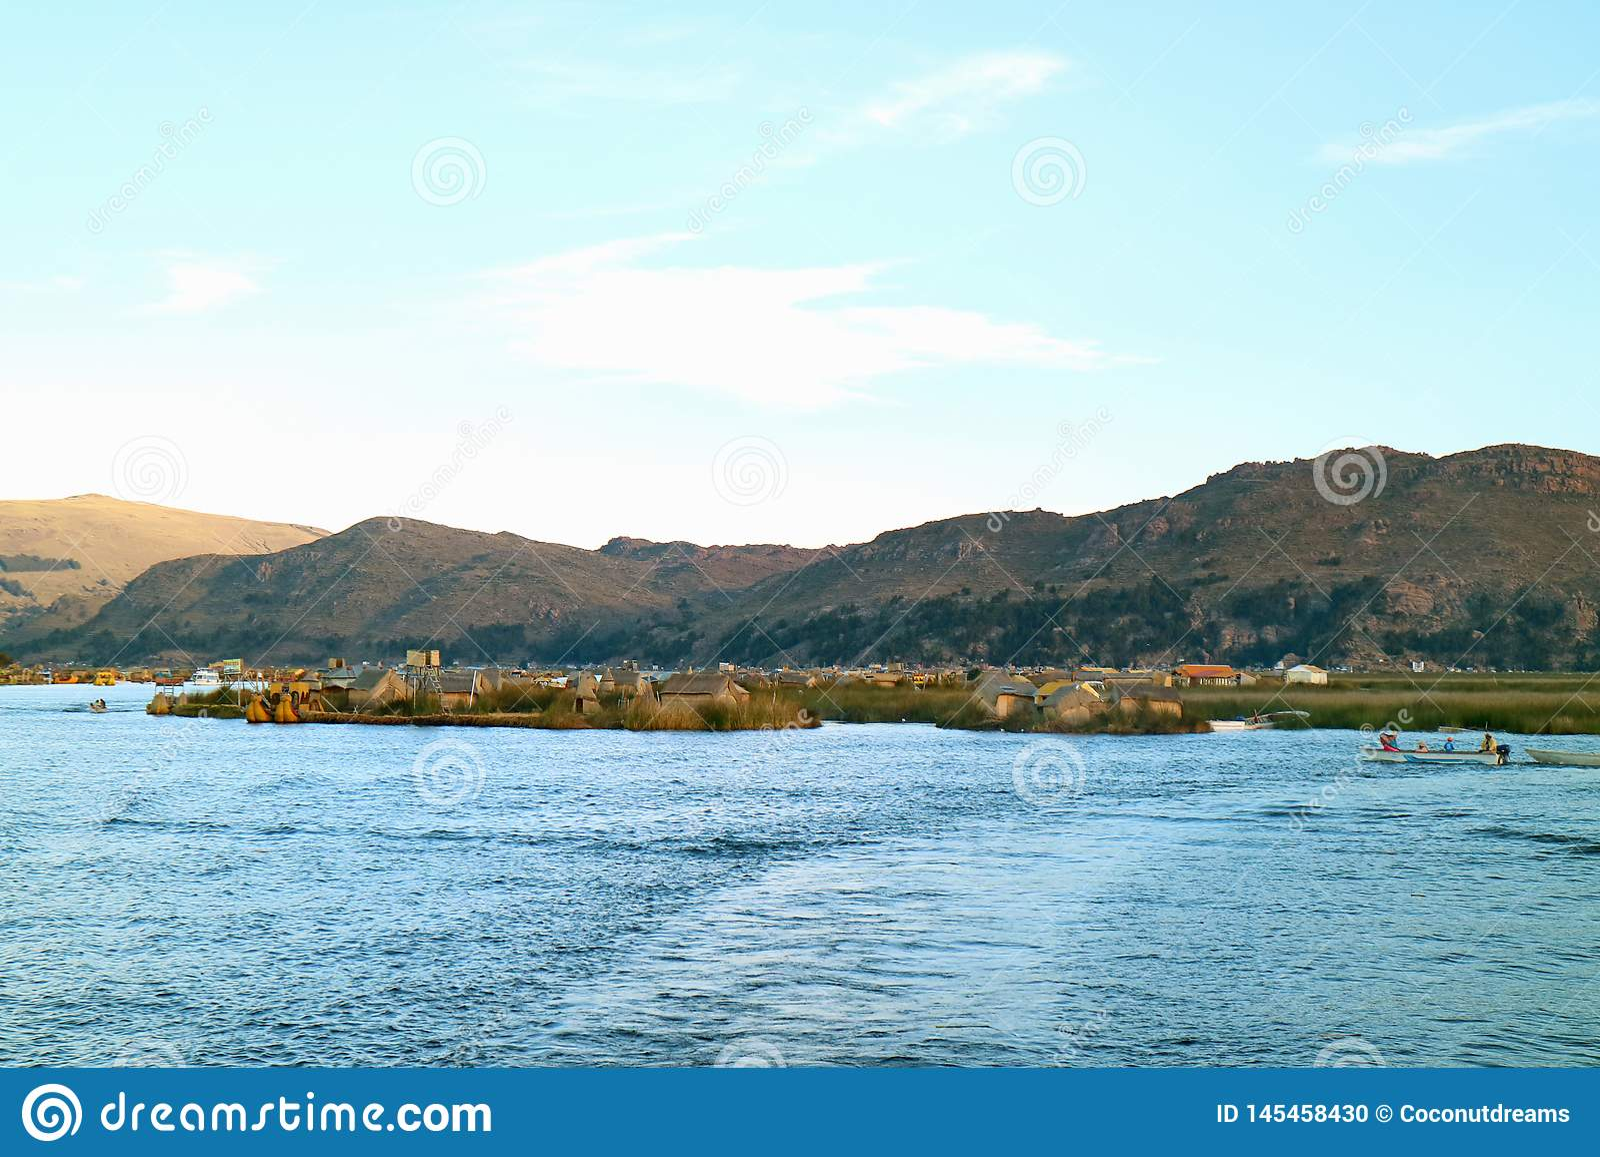 Uros Floating Islands y canotaje local de la gente en el lago Titicaca de Puno, Perú